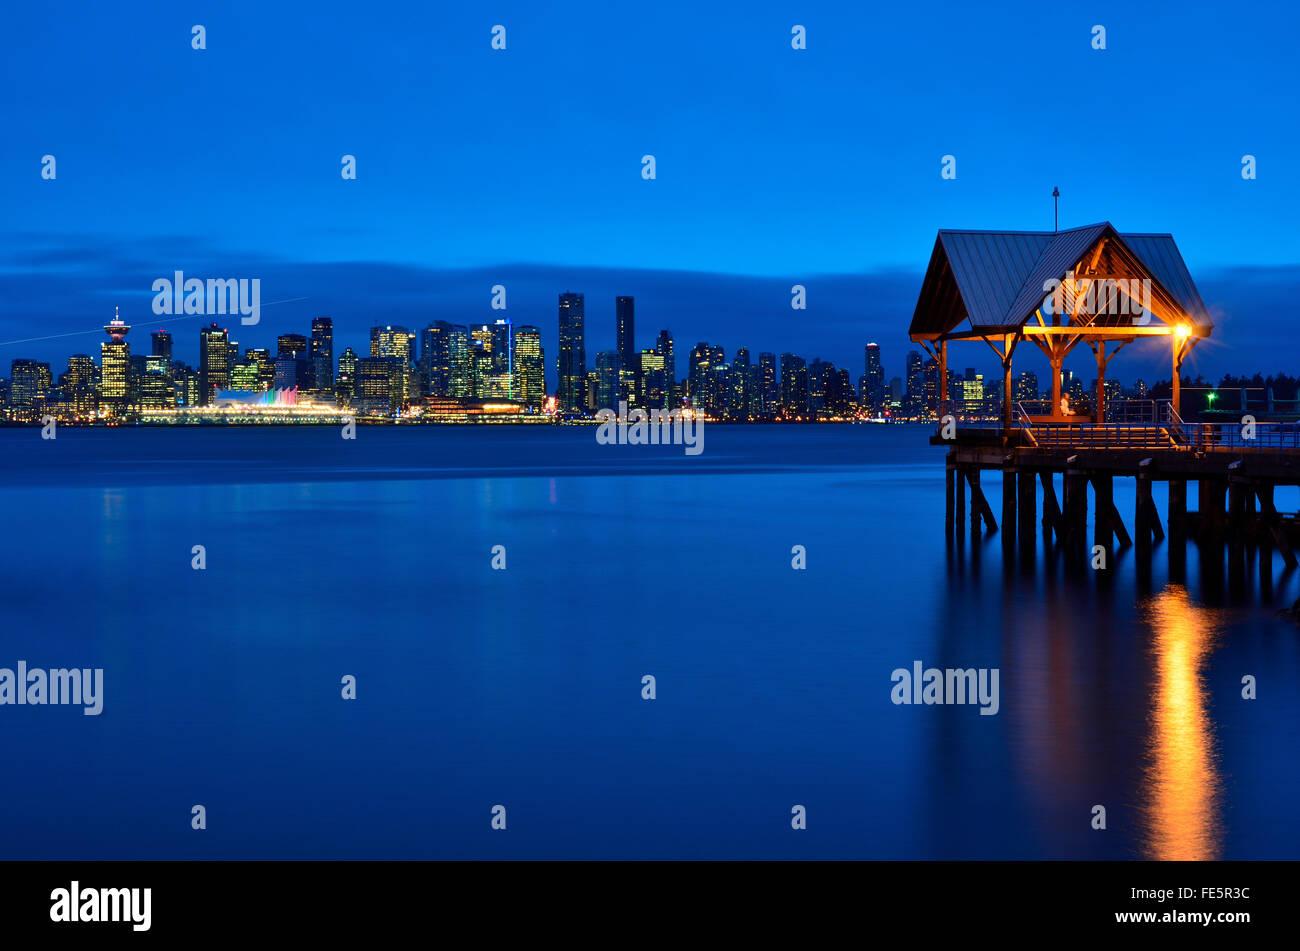 Vue de Lonsdale Quay Market sur Vancouver Skyline Photo Stock